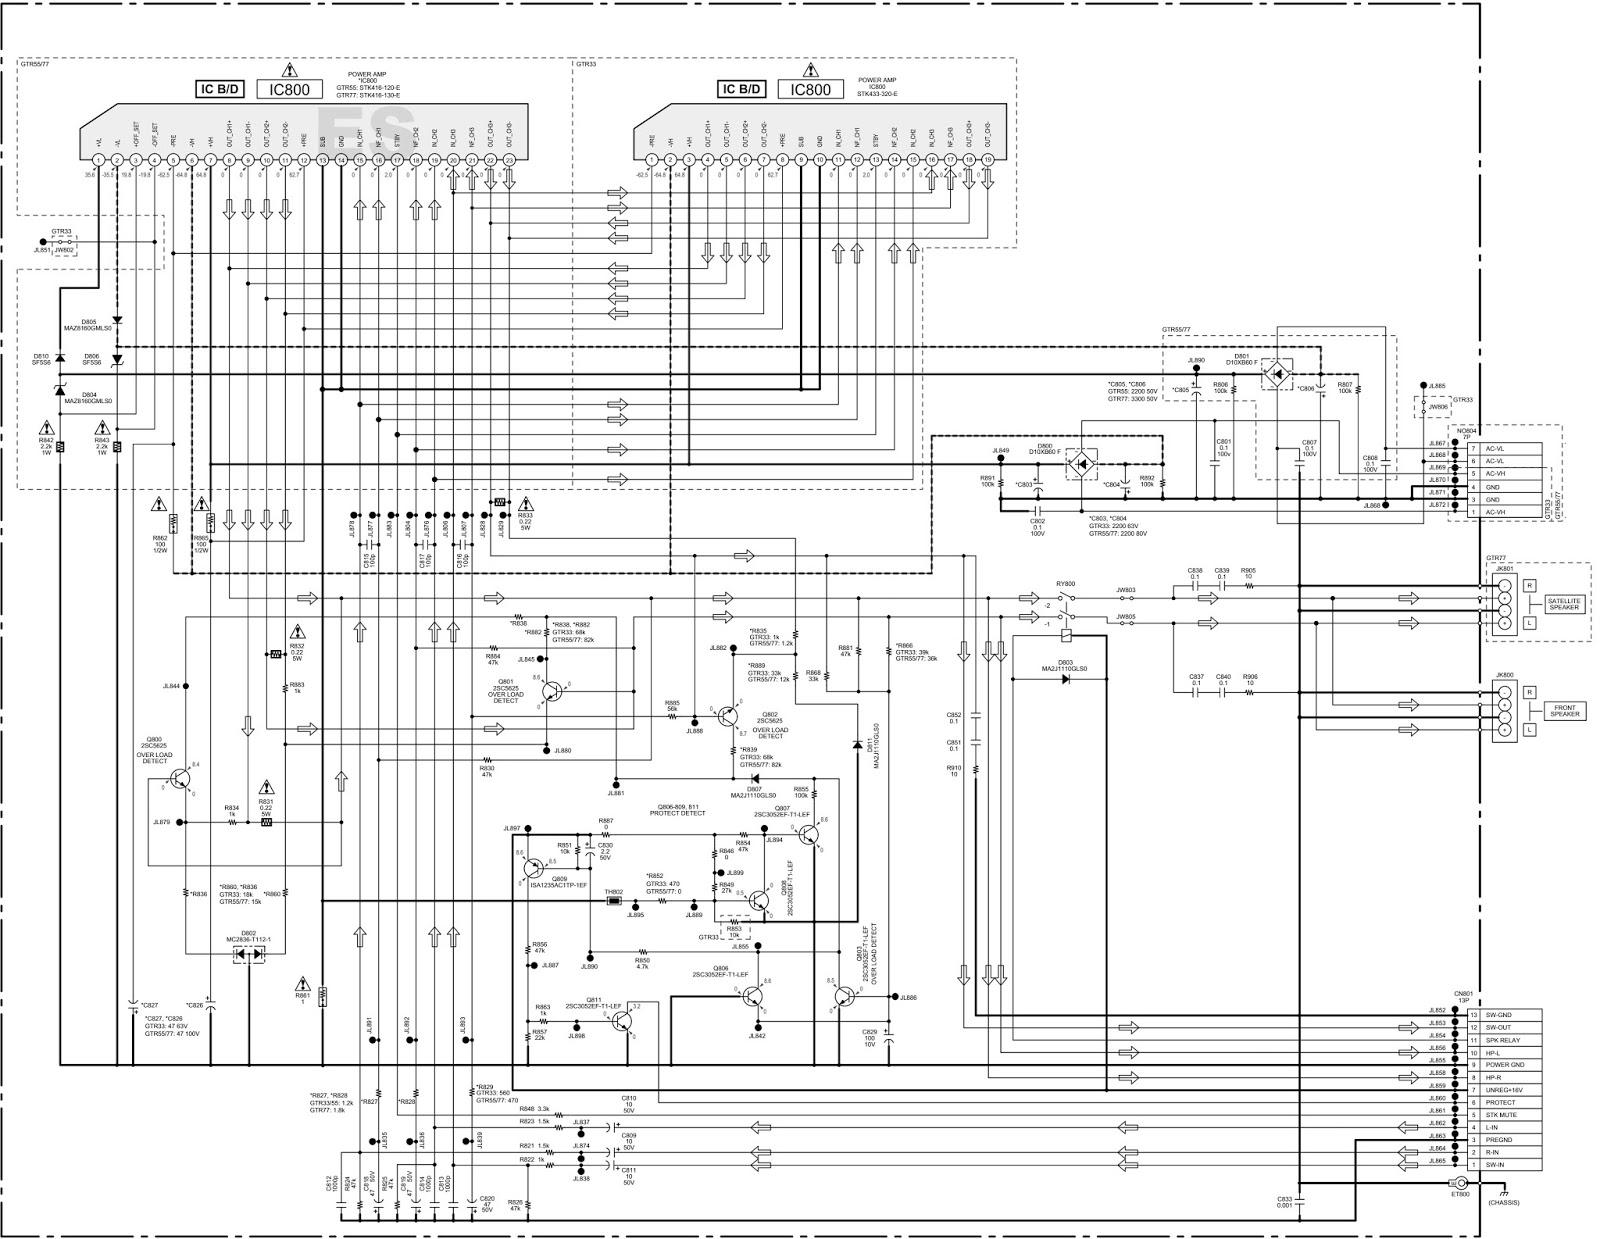 sony e4 schematic diagram